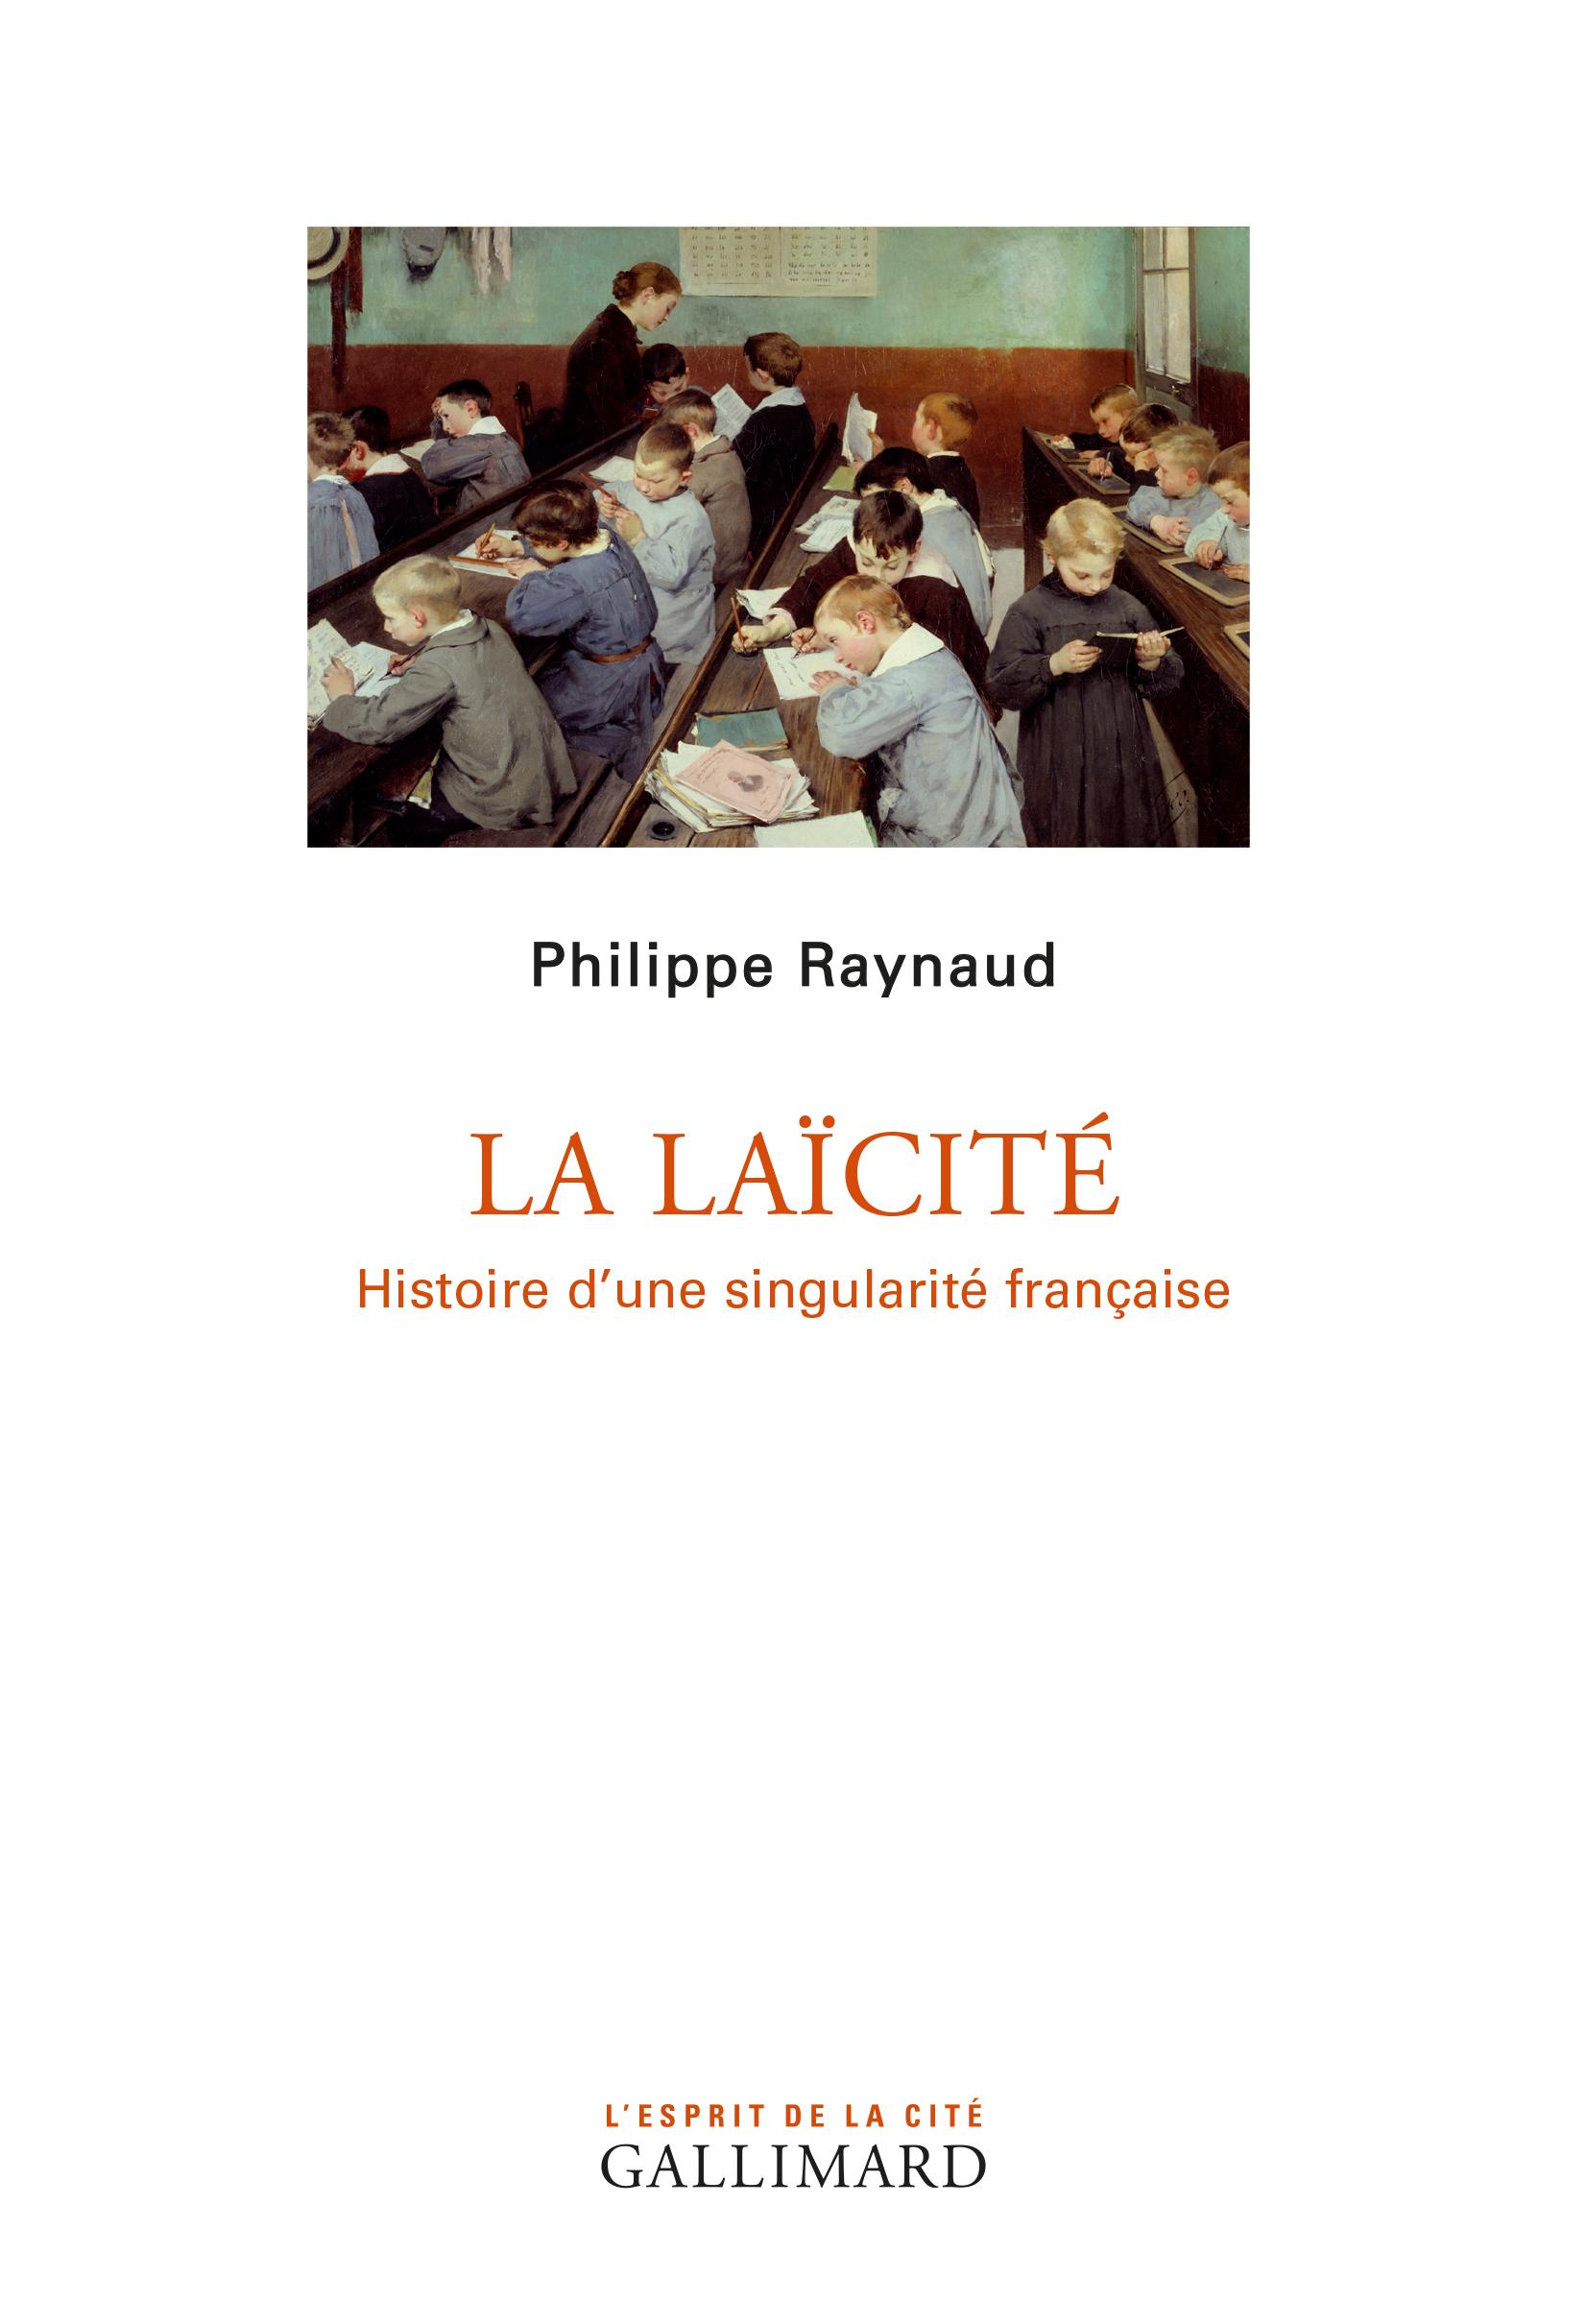 P. Raynaud, La laïcité. Histoire d'une singularité française